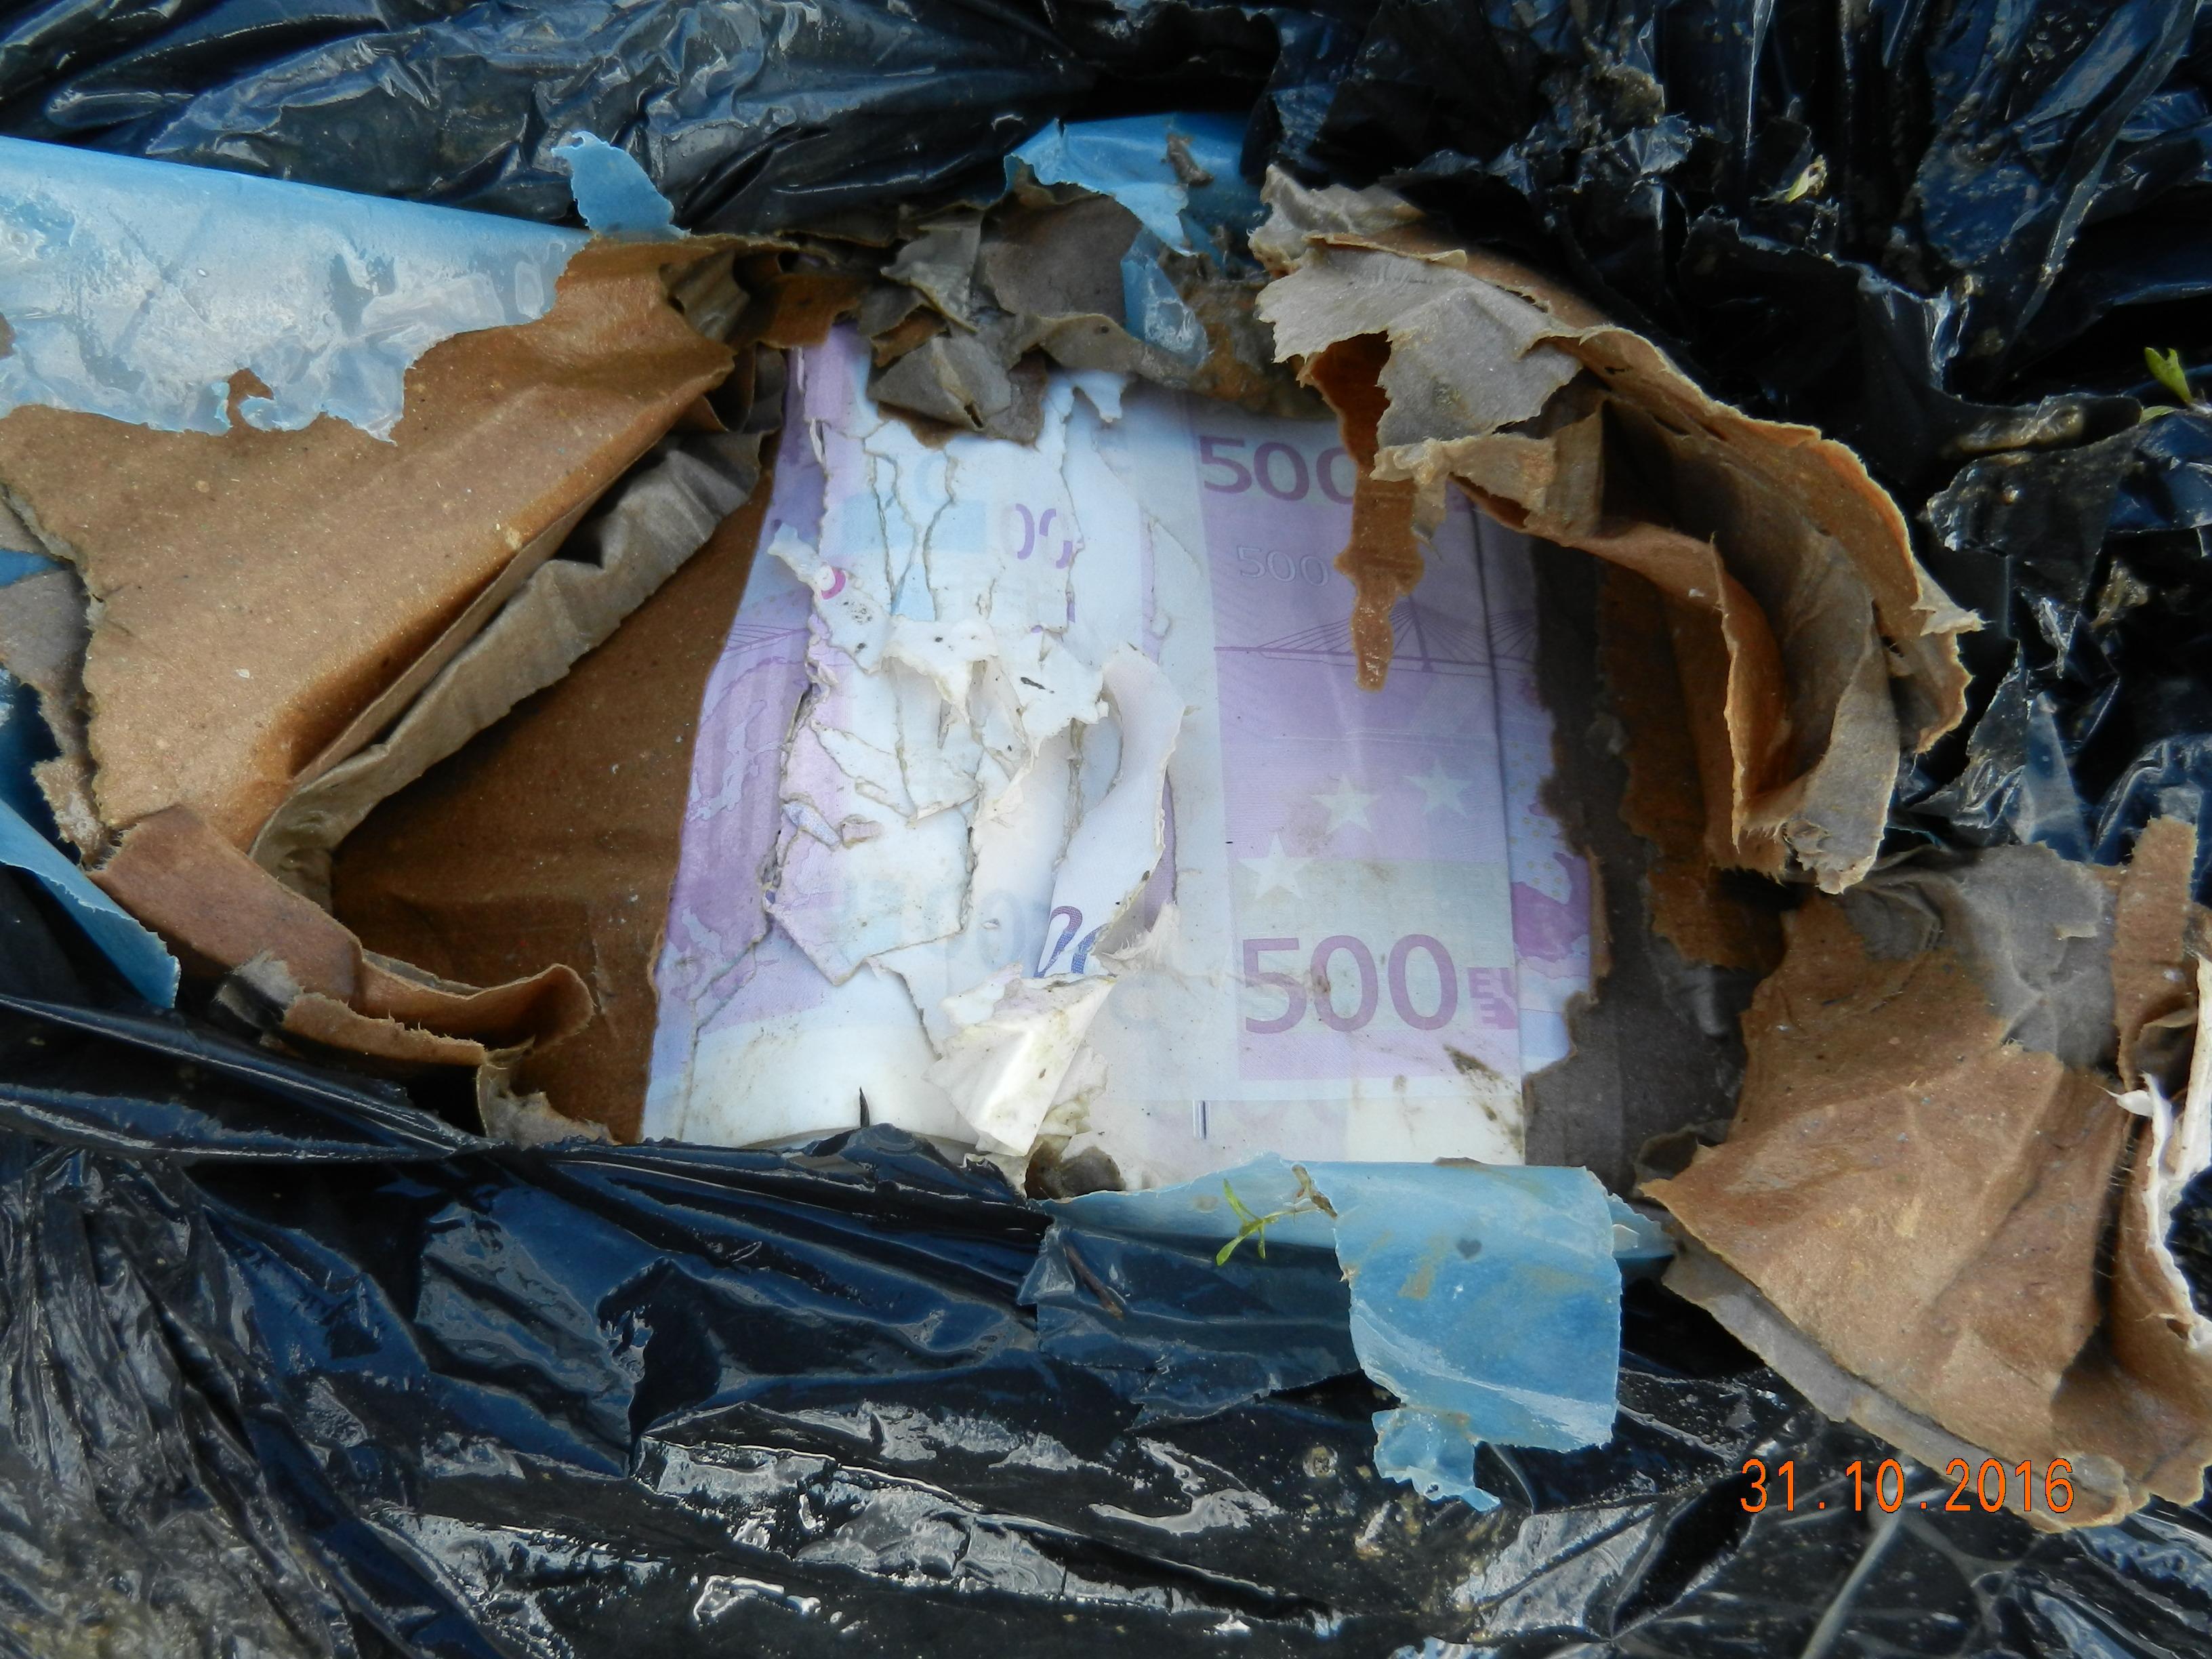 Листове с напечатани неистински банкноти евро на обща стойност 12 млн. евро съхнат в момента в заседателната зала на полицията в Пловдив. Общо 14 млн в готов вид и заготовки са откритите количества, които водят следи към разкрита вече печатница в Първомай. При акцията са хванати и незаконни оръжия, откраднати от магазин в Хасково.